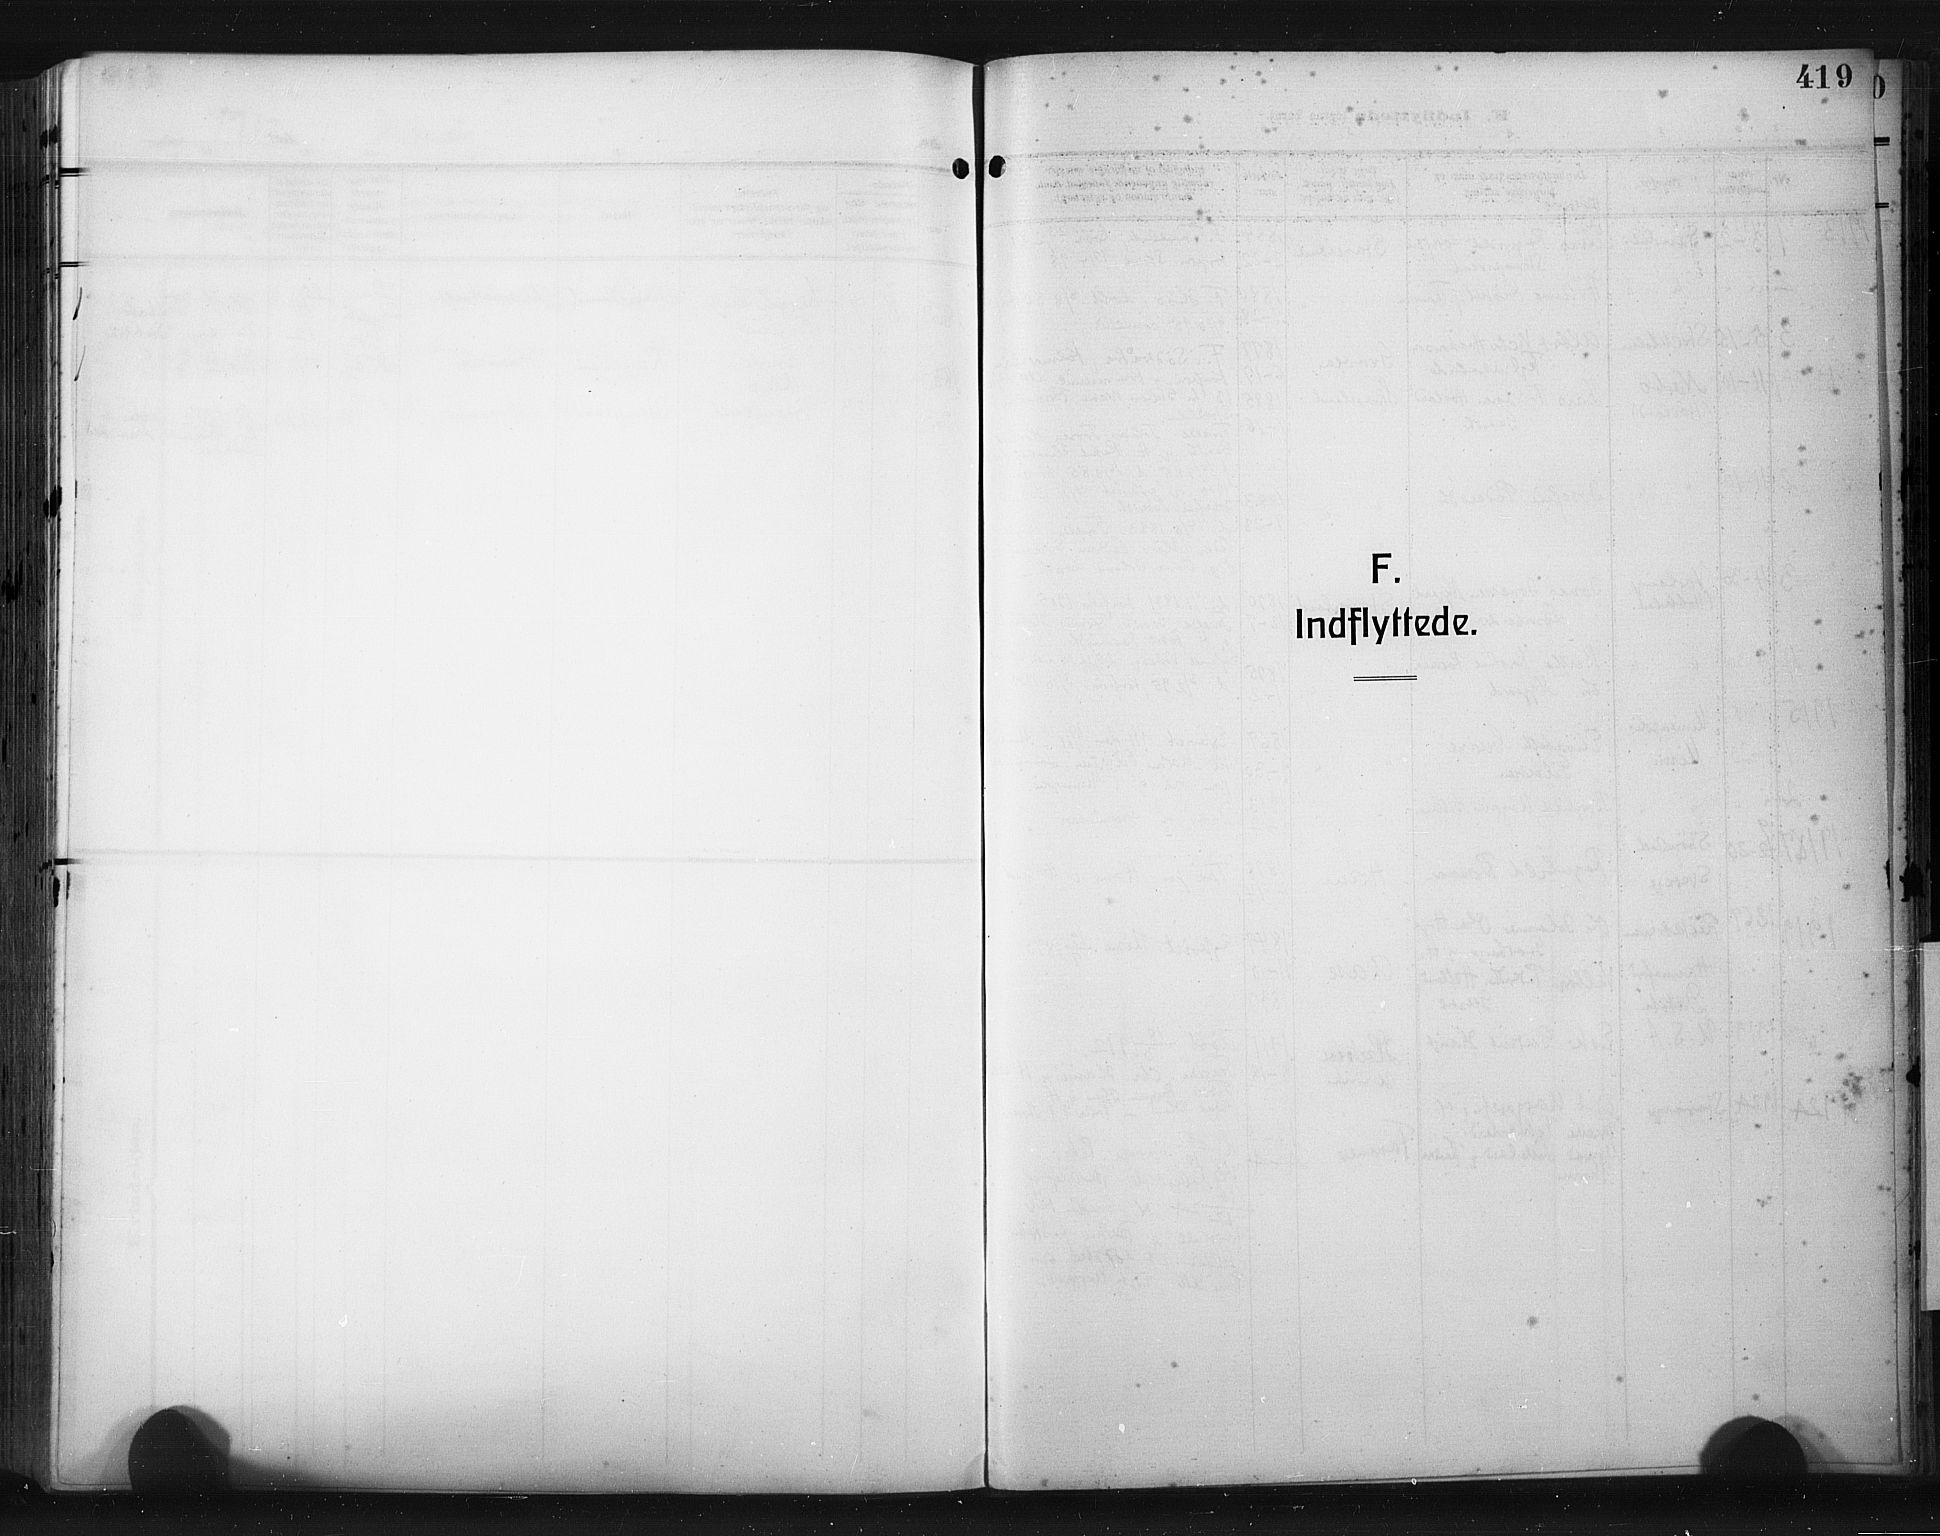 SAST, Høyland sokneprestkontor, 30BA/L0017: Parish register (official) no. A 15, 1912-1924, p. 419